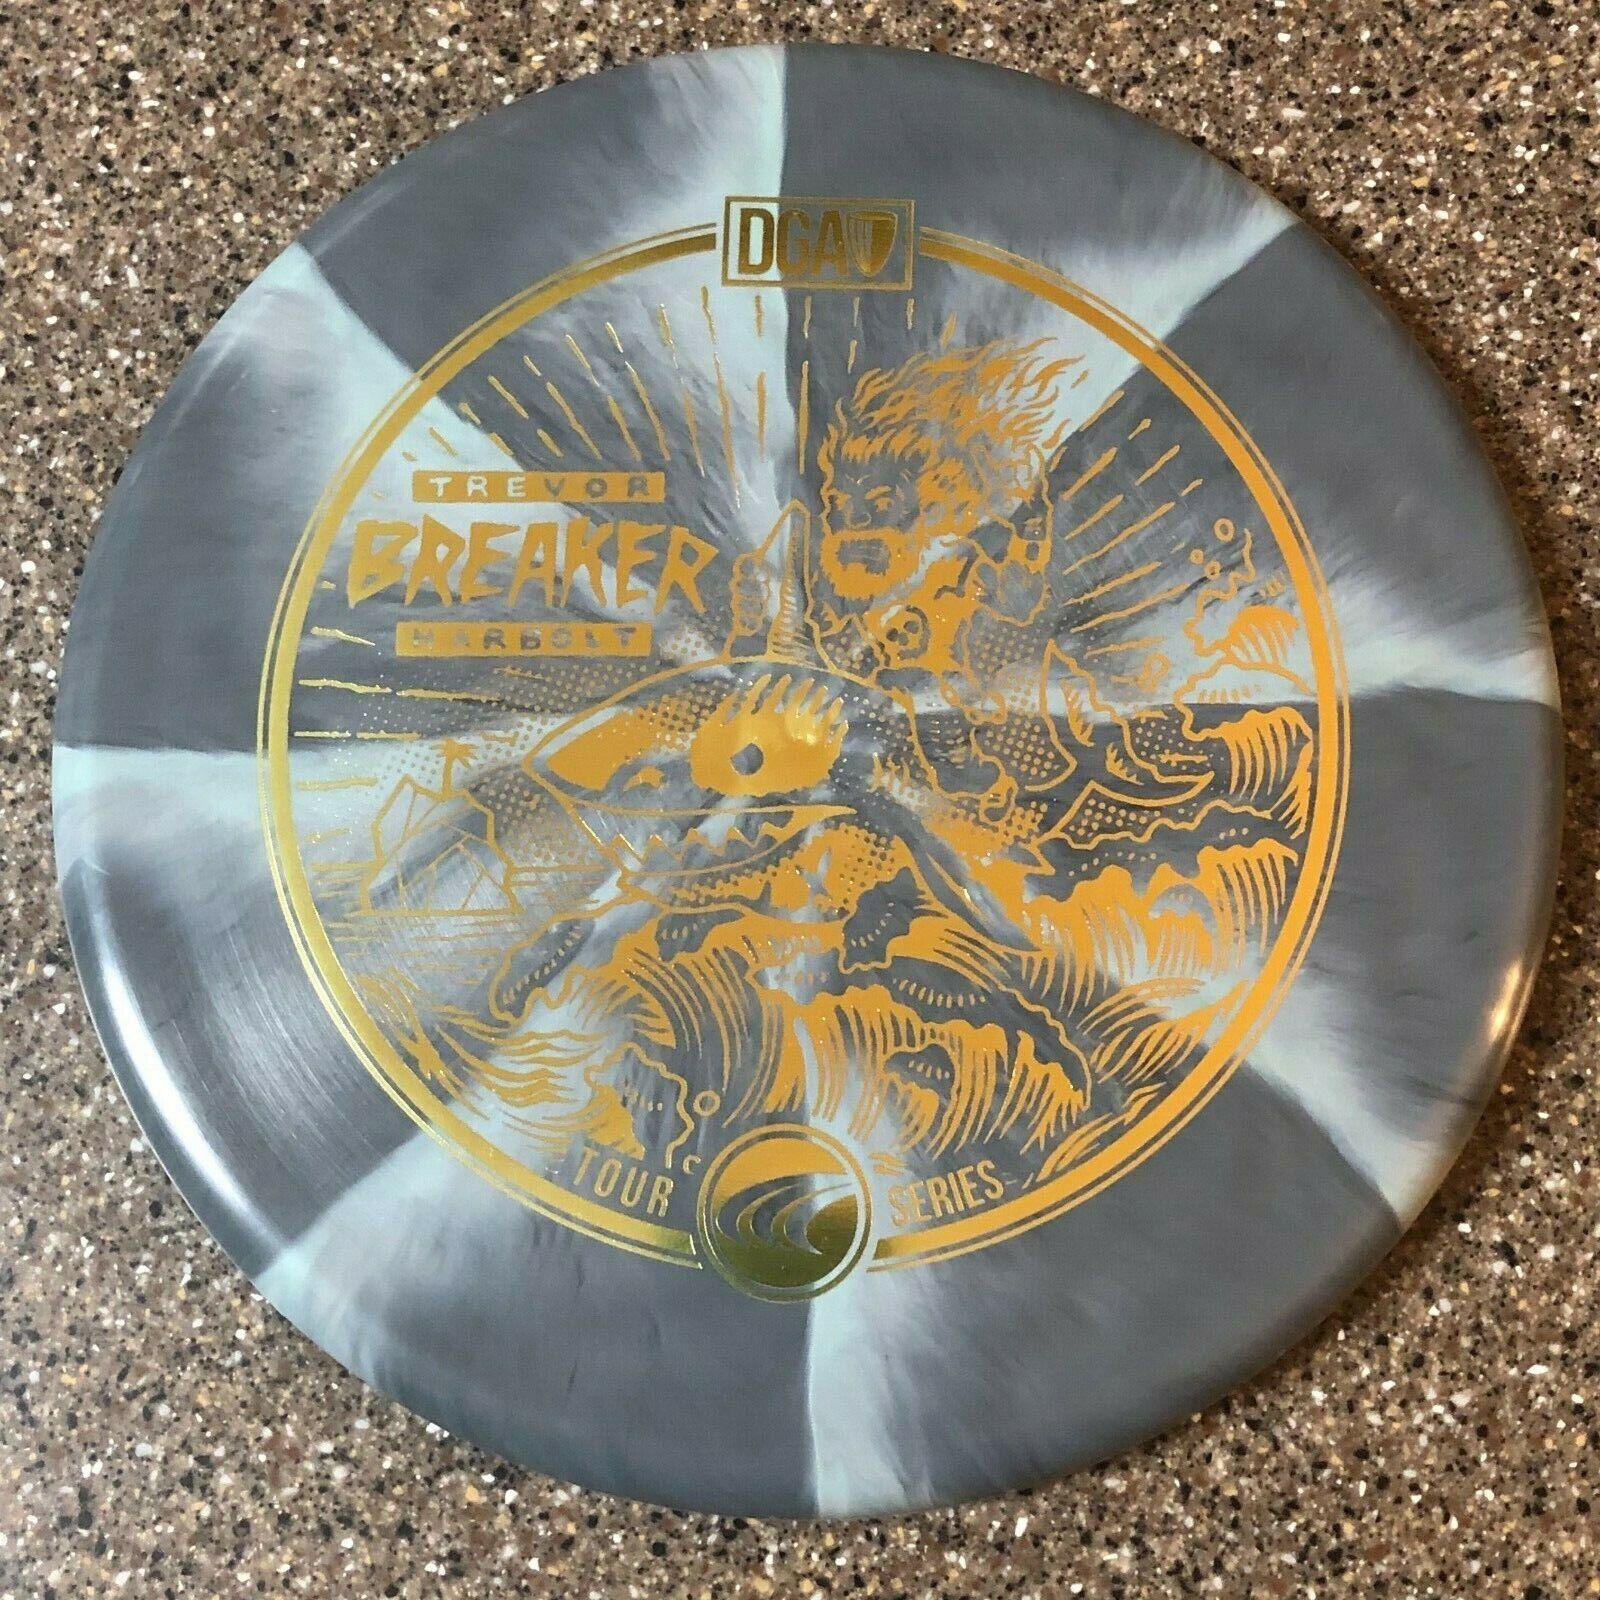 DGA SWIRLY PROLINE BREAKER Trevor Harbolt Tour Series Gray w/ Gold 173-174g Disc